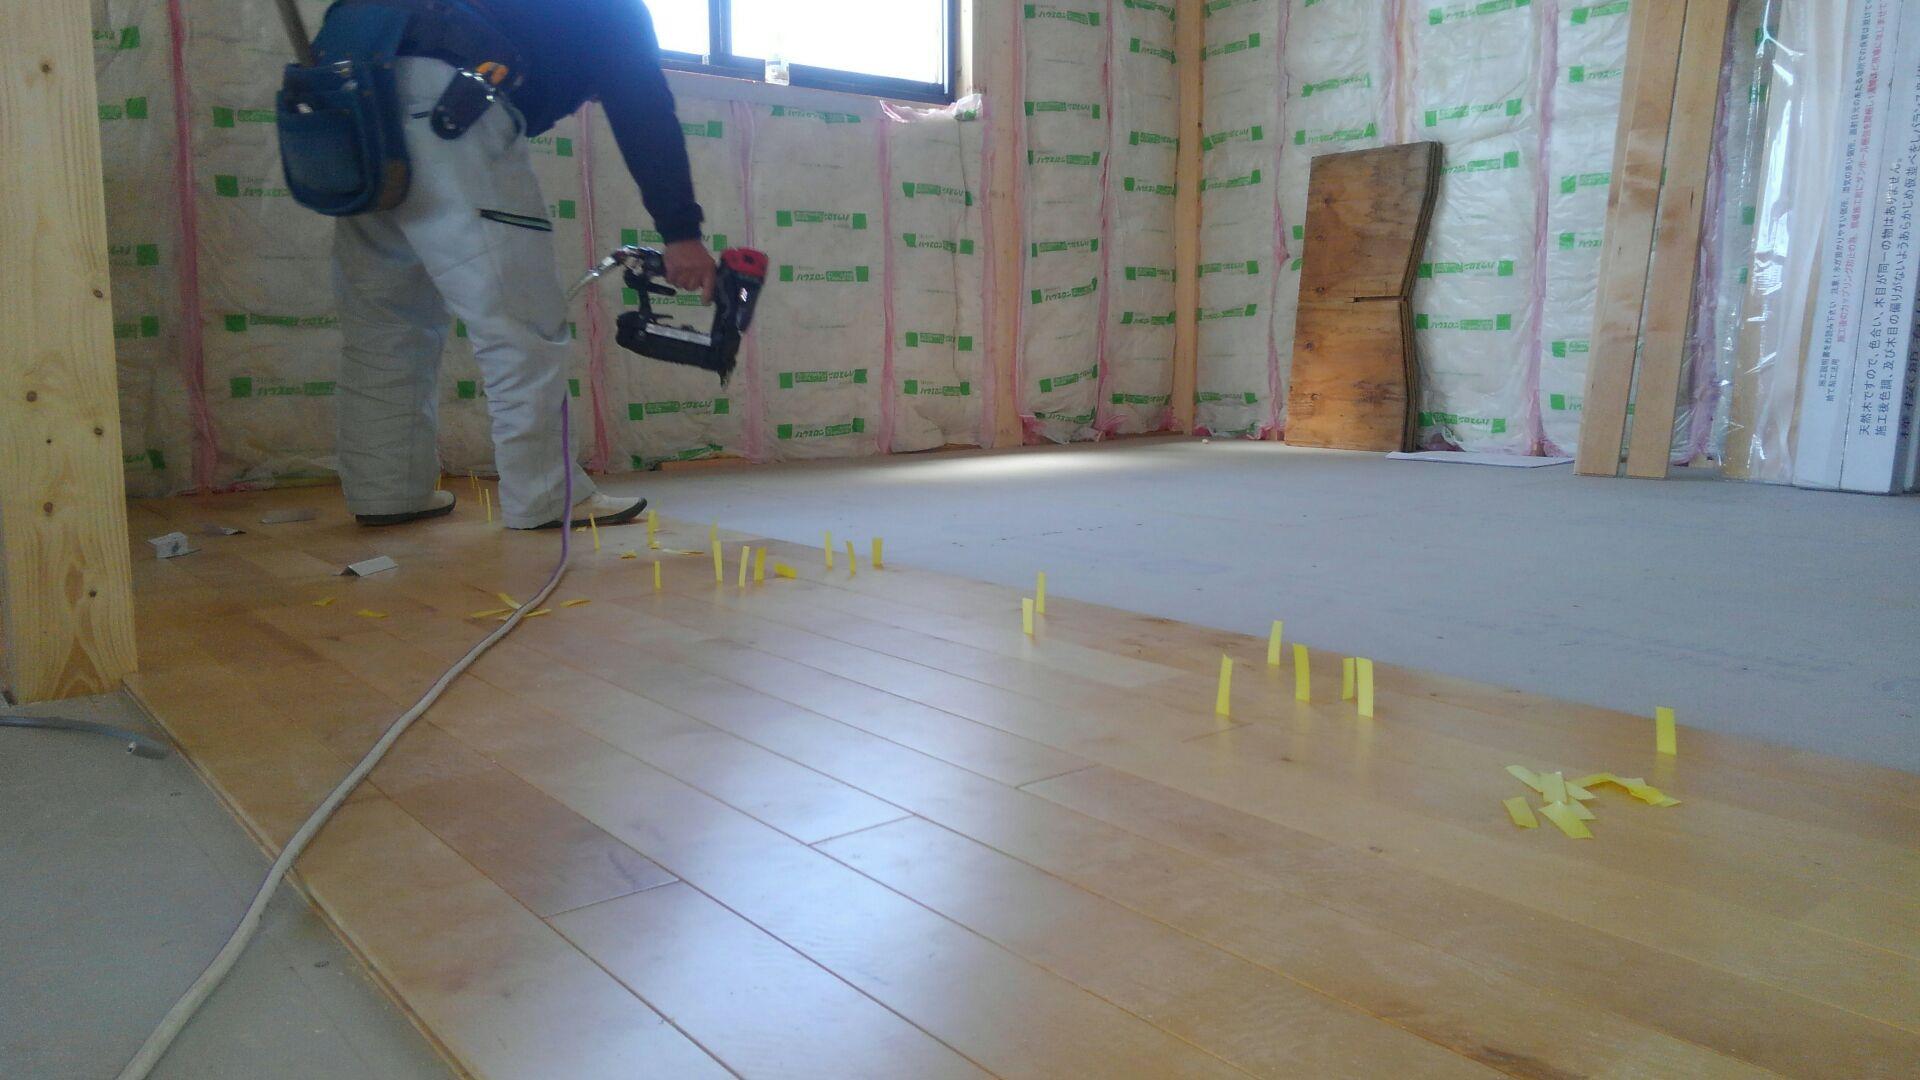 次に床張がはじまります。 お客様のご要望で、無垢の床板「カバ桜」を採用しました。 無垢板を施工する場合 0.3㎜ほど床どおしに隙間をあけて貼りこみます。 そうしないと、梅雨など湿気の多い時期は特に、床板が「そった はったの大騒ぎに」なってしまいます! ちなみに床板に挟んでいるパッキン。通称「ニョロニョロ」。ムーミンに出てくるれいのやつです。 今回は黄色ですけどネ。